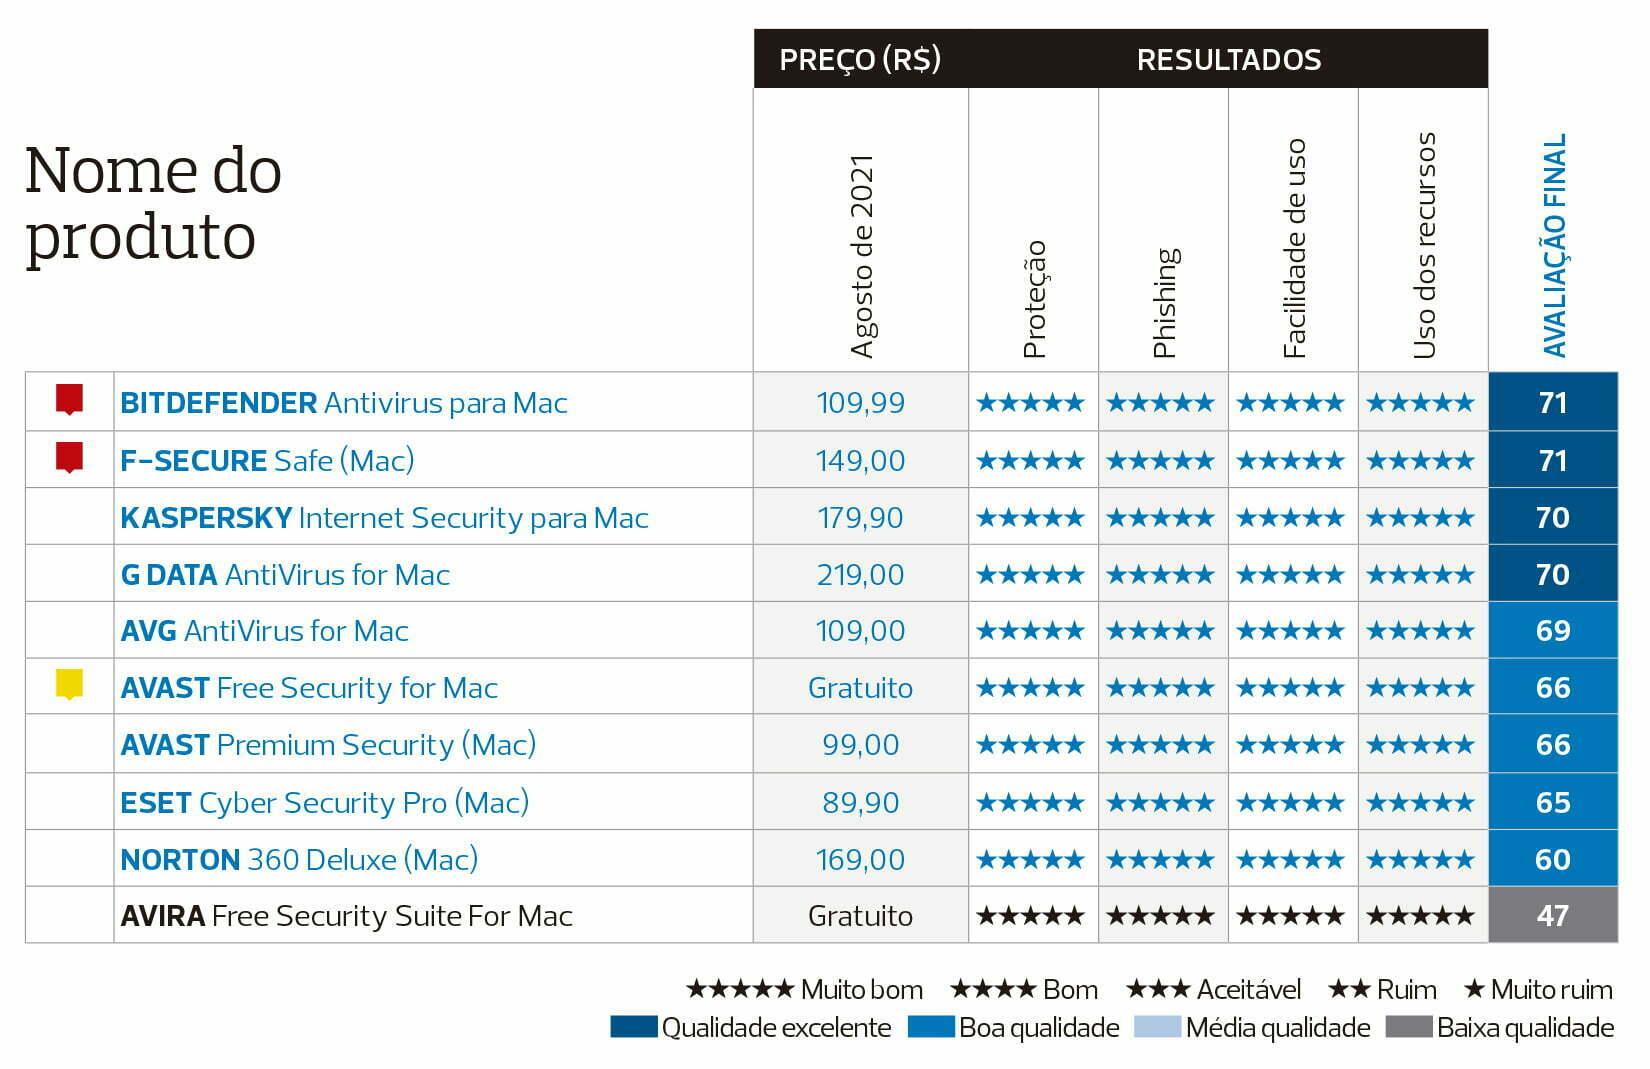 tabela resultado mac